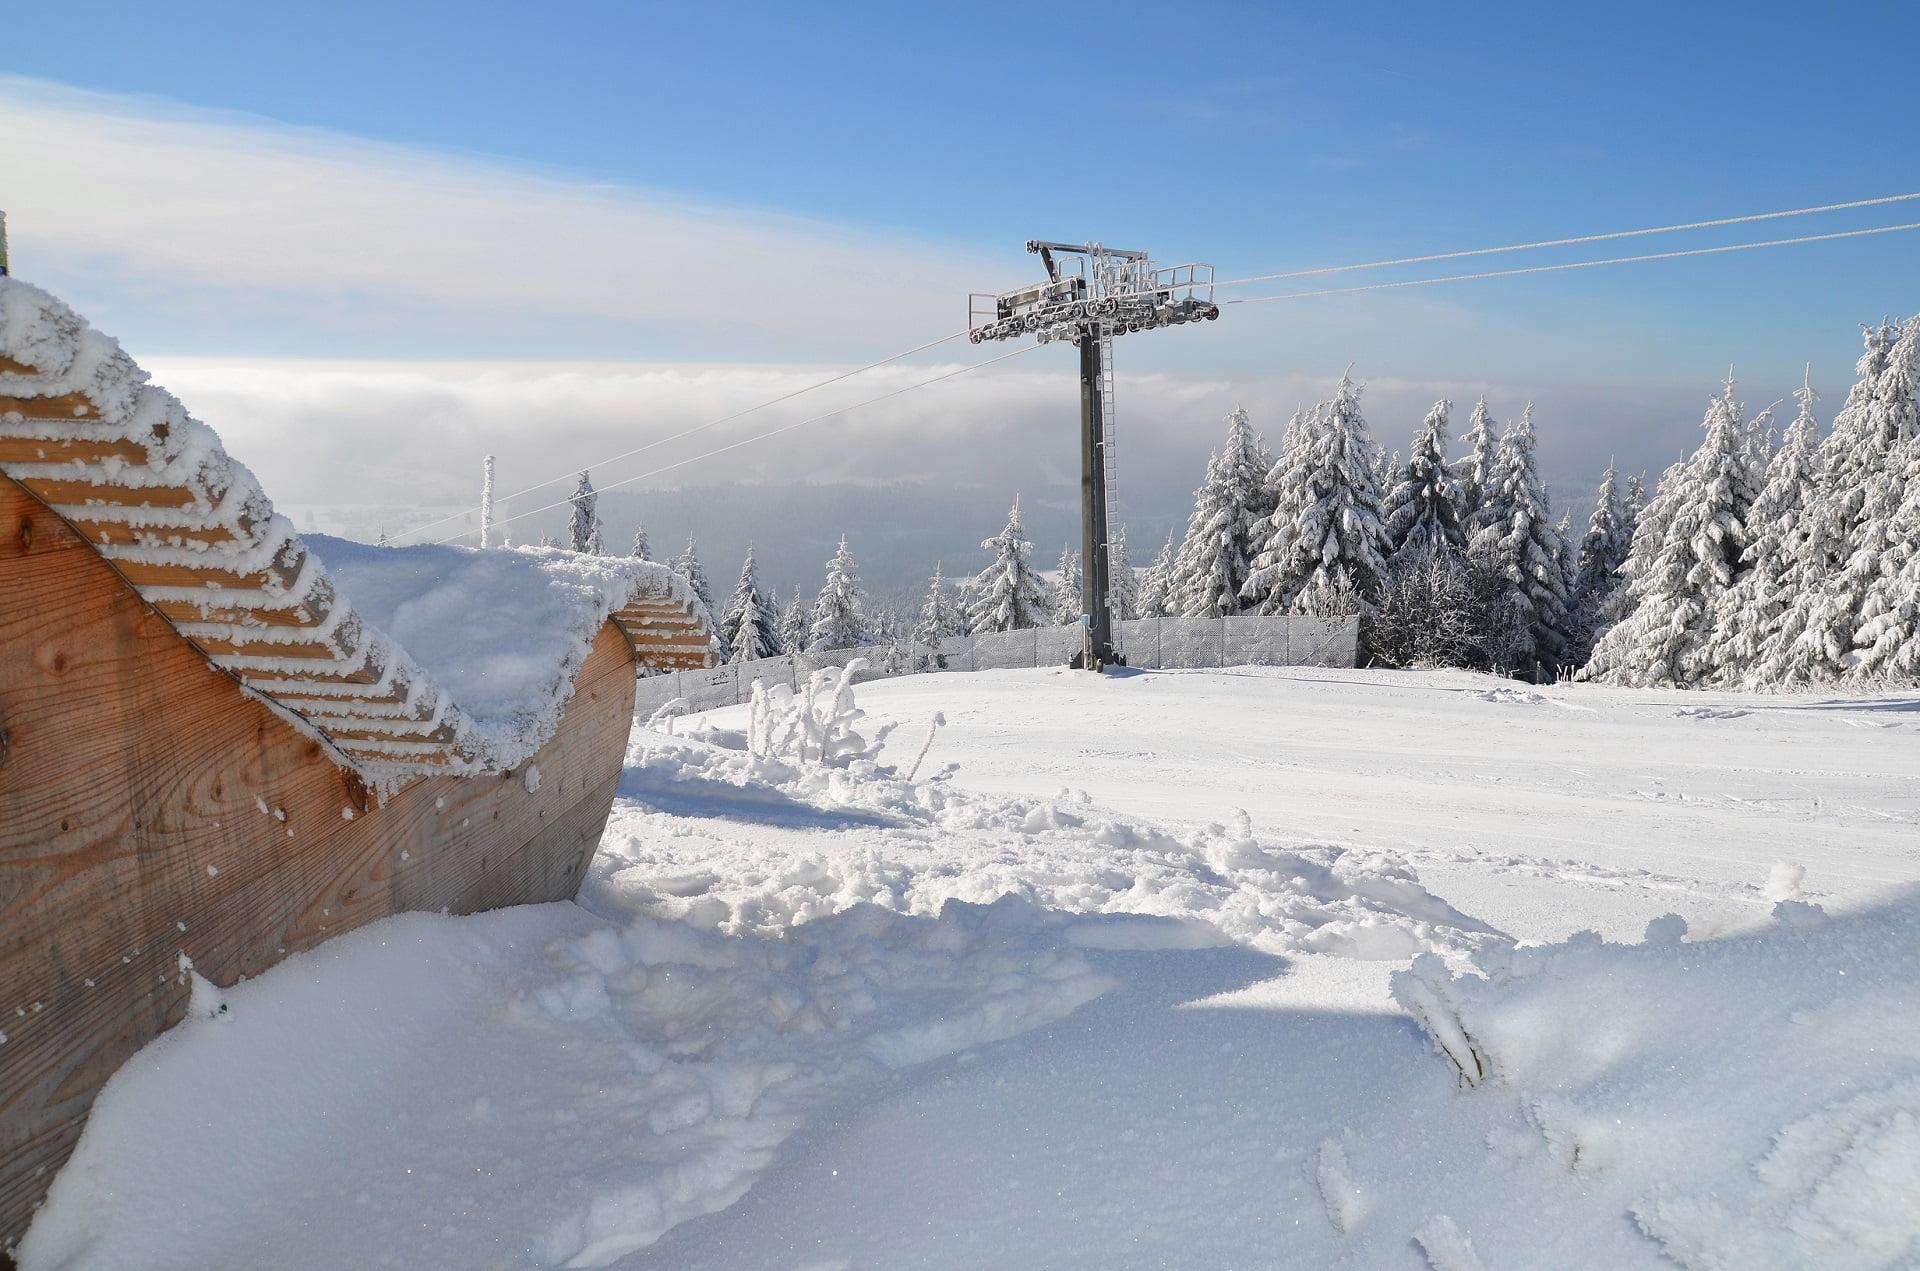 Urlop zimowy – propozycje spędzenia